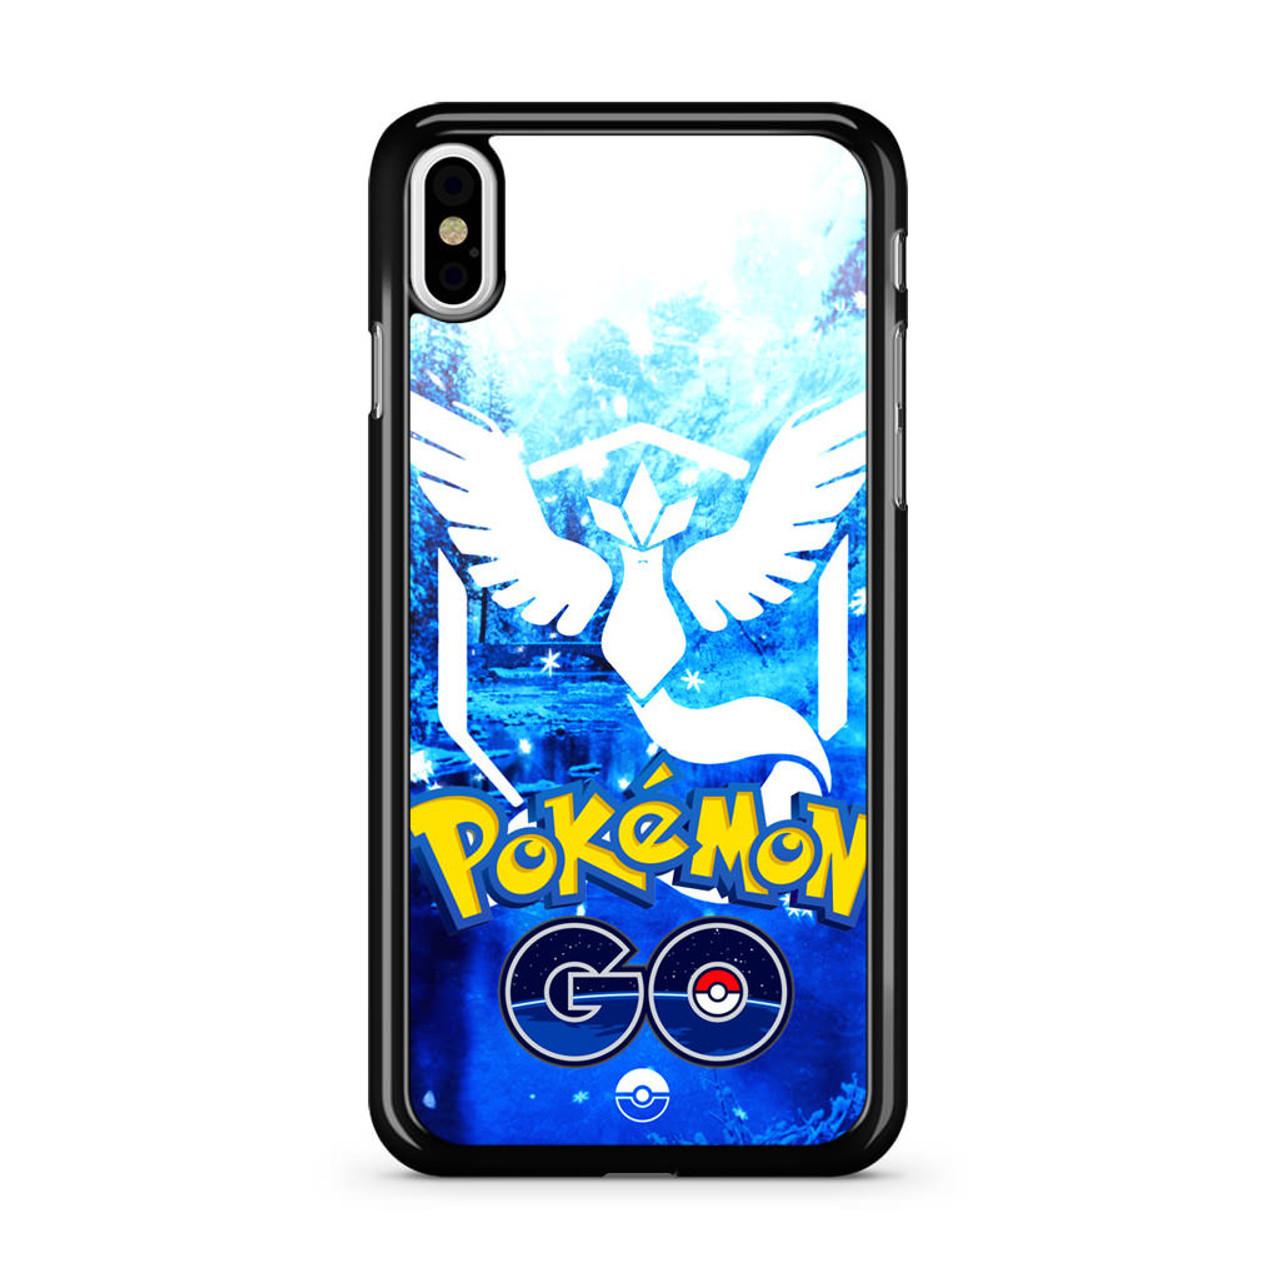 iphone xs pokemon go